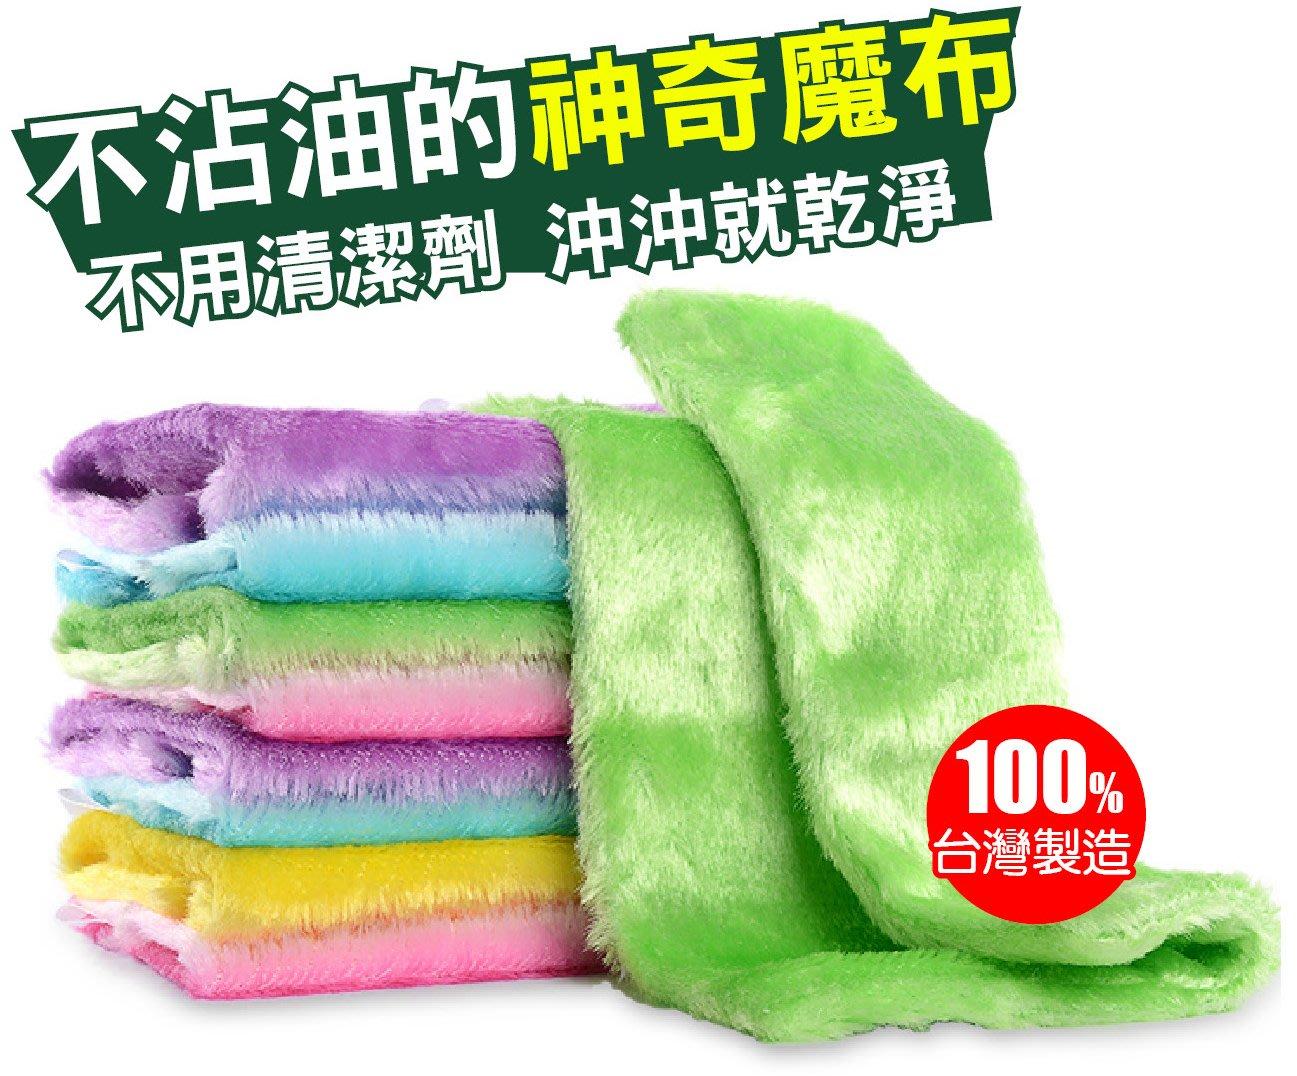 【買10送10】【免運費】去污免清潔劑 神奇小抹布洗碗不沾油吸水不掉毛不掉色雙層加厚10片裝